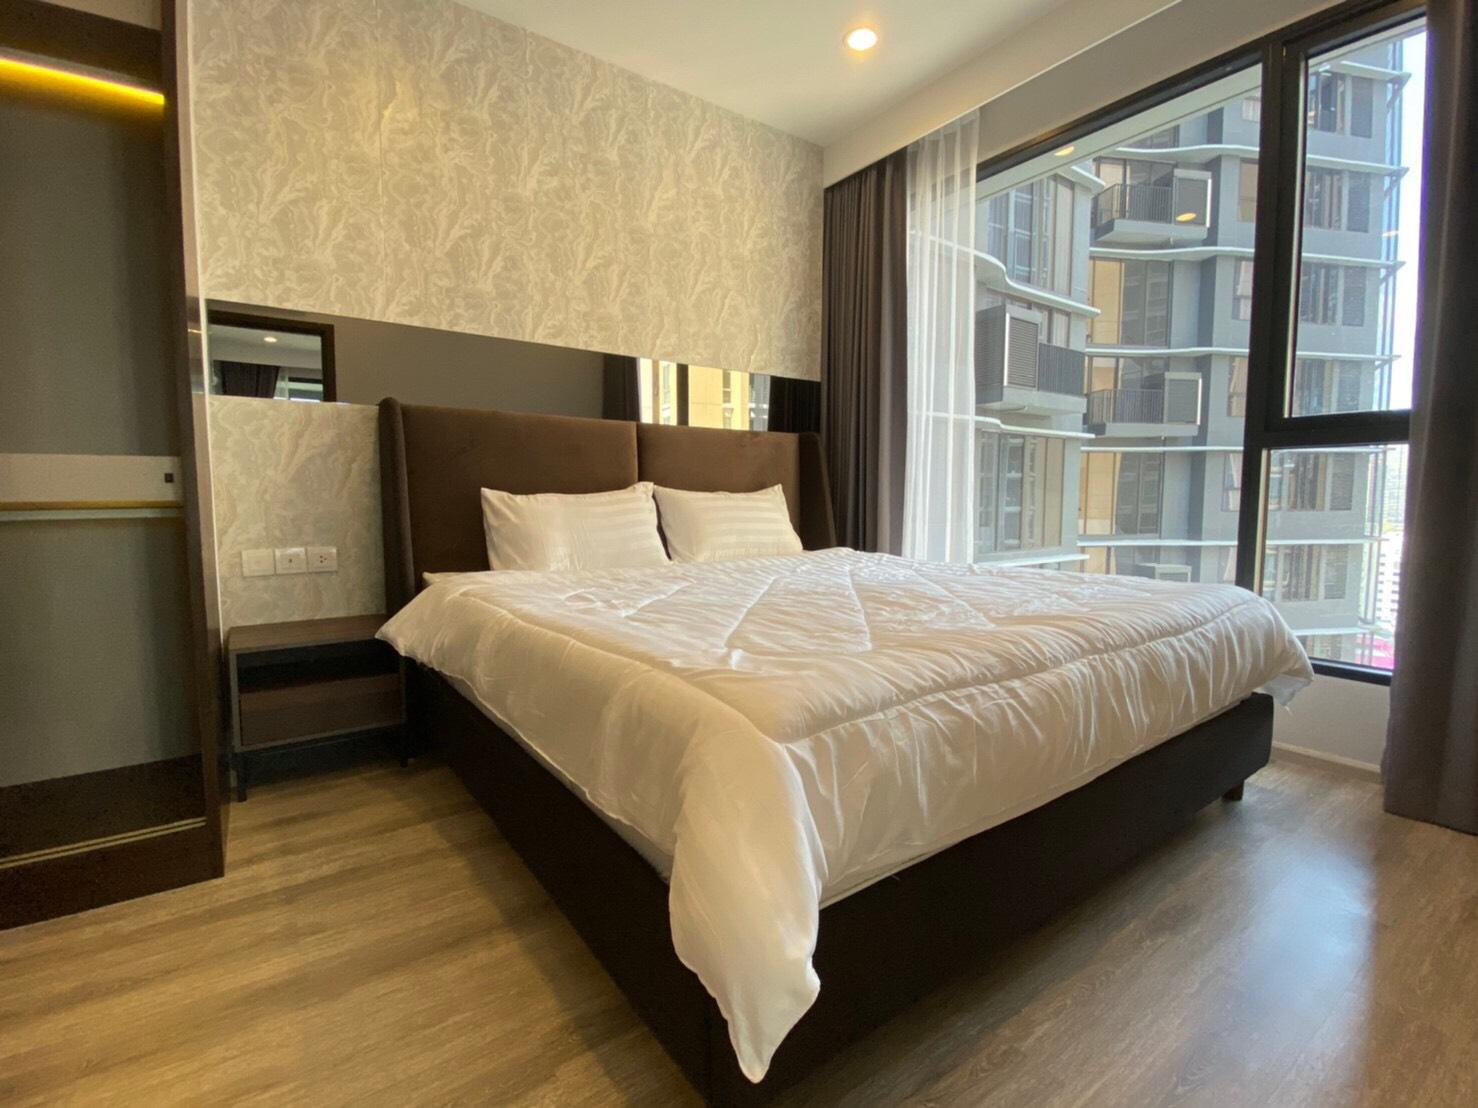 คอนโดให้เช่า ไอดีโอ โมบิ อโศก   เพชรบุรีตัดใหม่  บางกะปิ ห้วยขวาง 2 ห้องนอน พร้อมอยู่ ราคาถูก